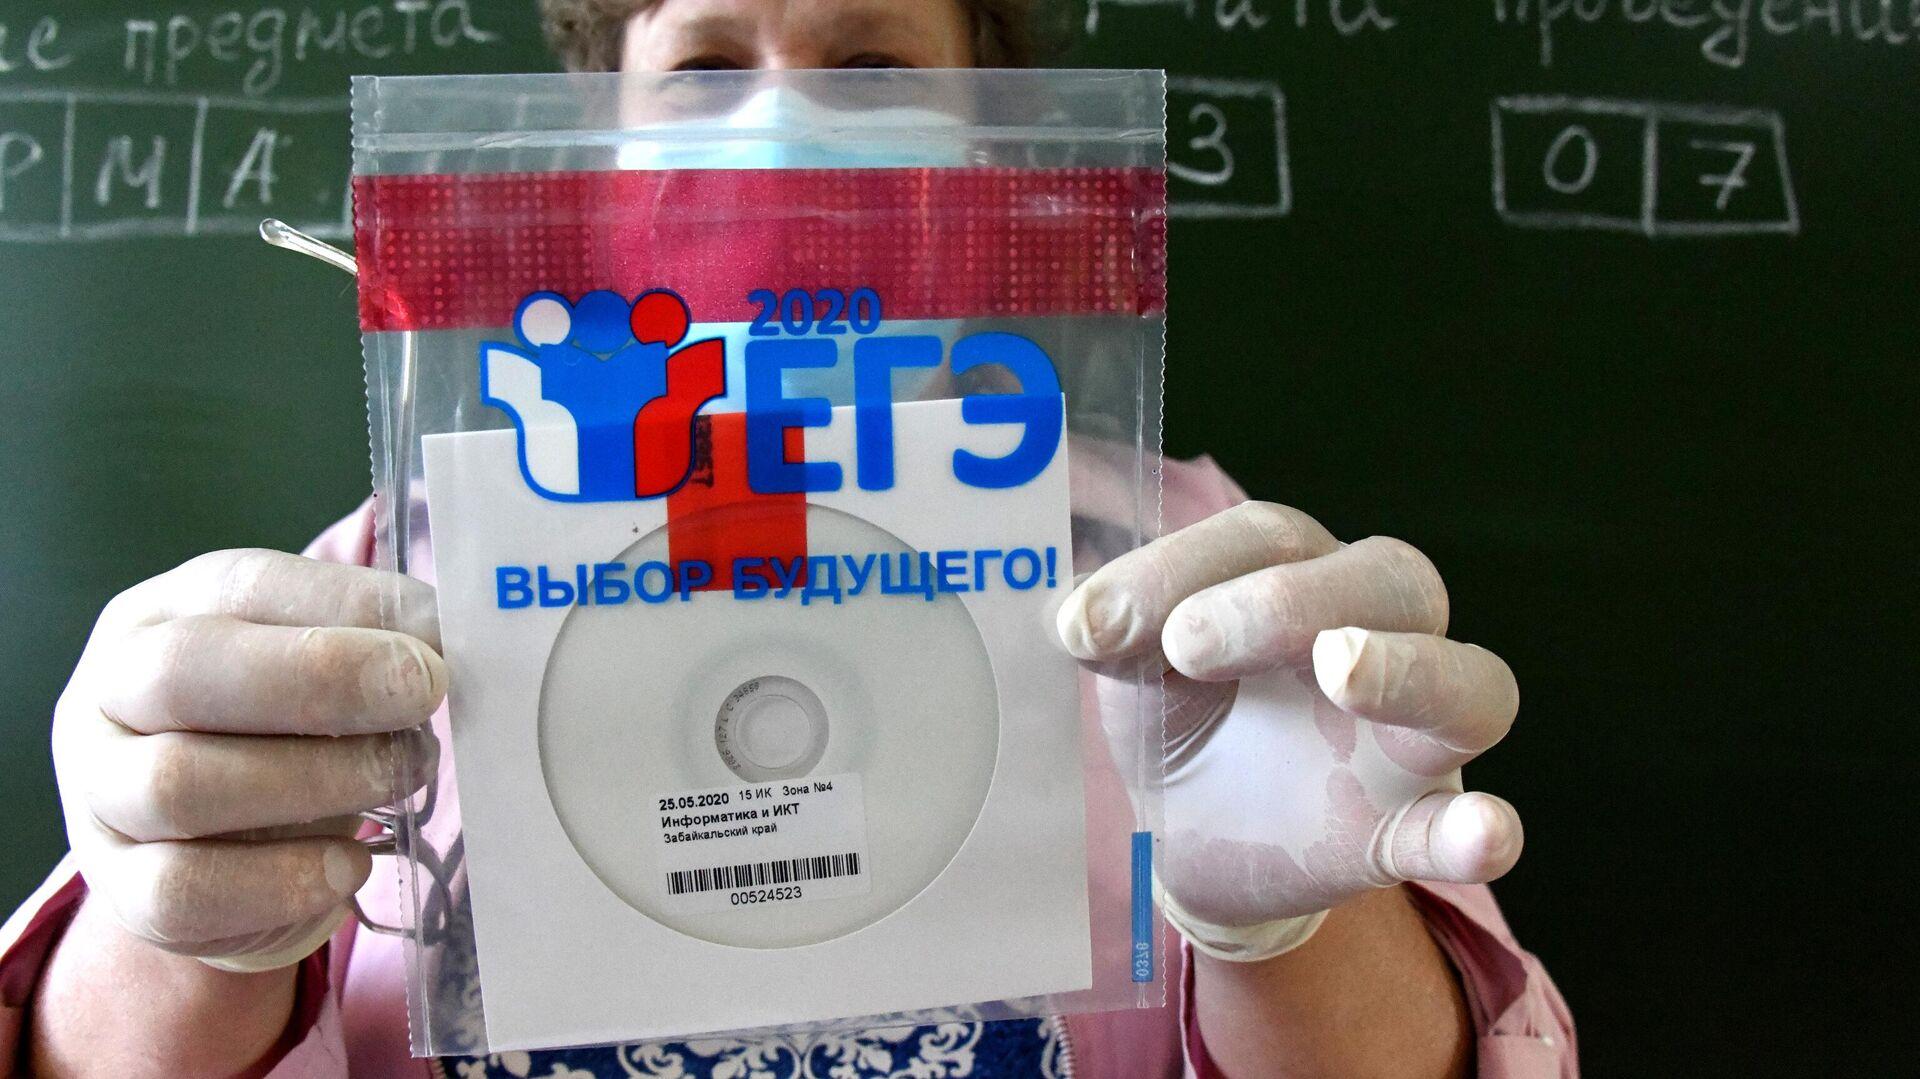 Конверт с диском, в котором содержатся задания для ЕГЭ - РИА Новости, 1920, 25.08.2020